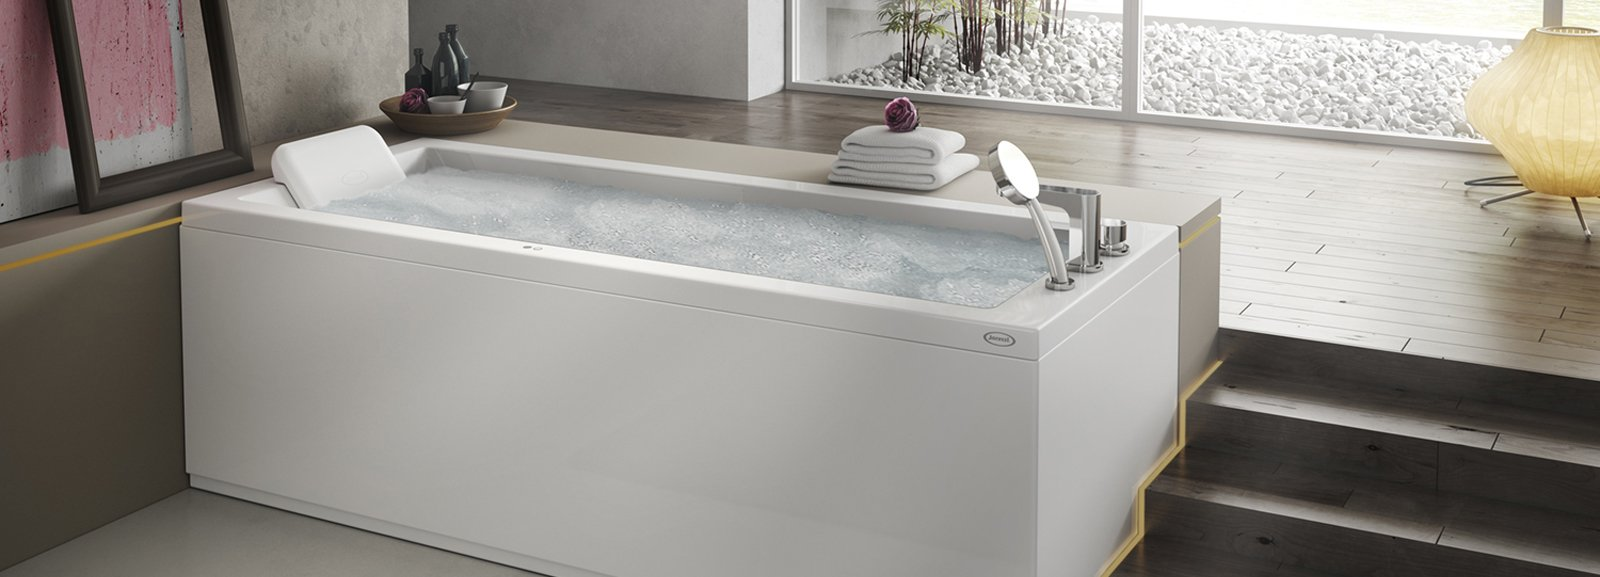 Vasche da bagno low cost a partire da 182 euro cose di casa - Oggettistica casa low cost ...